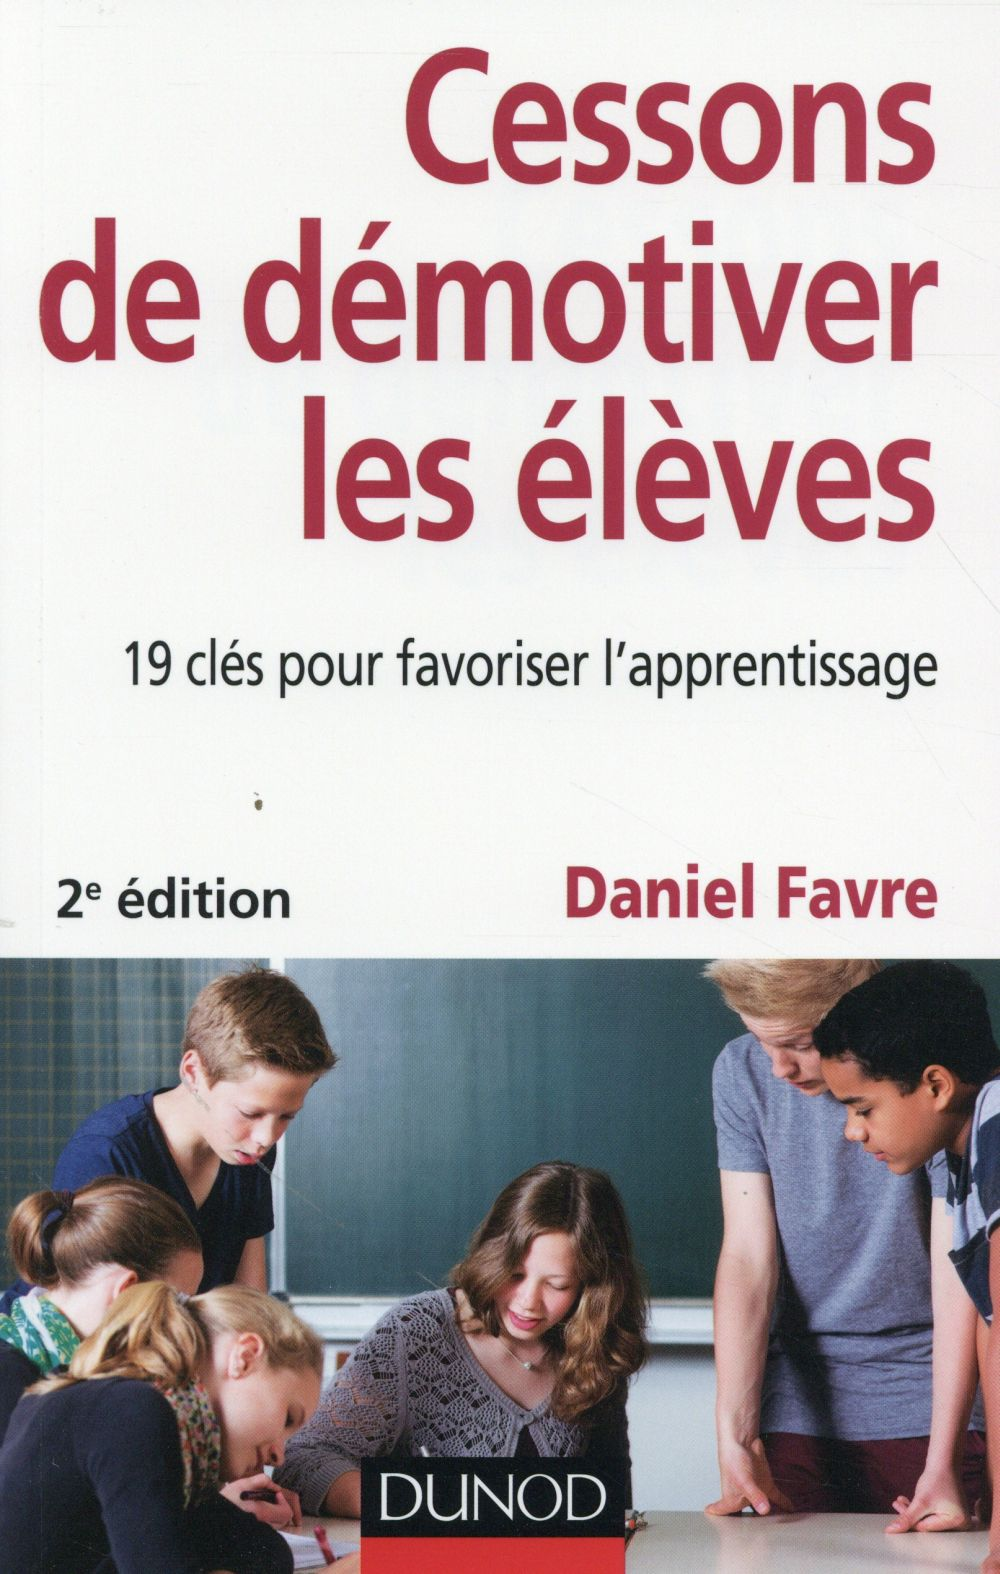 Cessons de démotiver les élèves (2e édition)